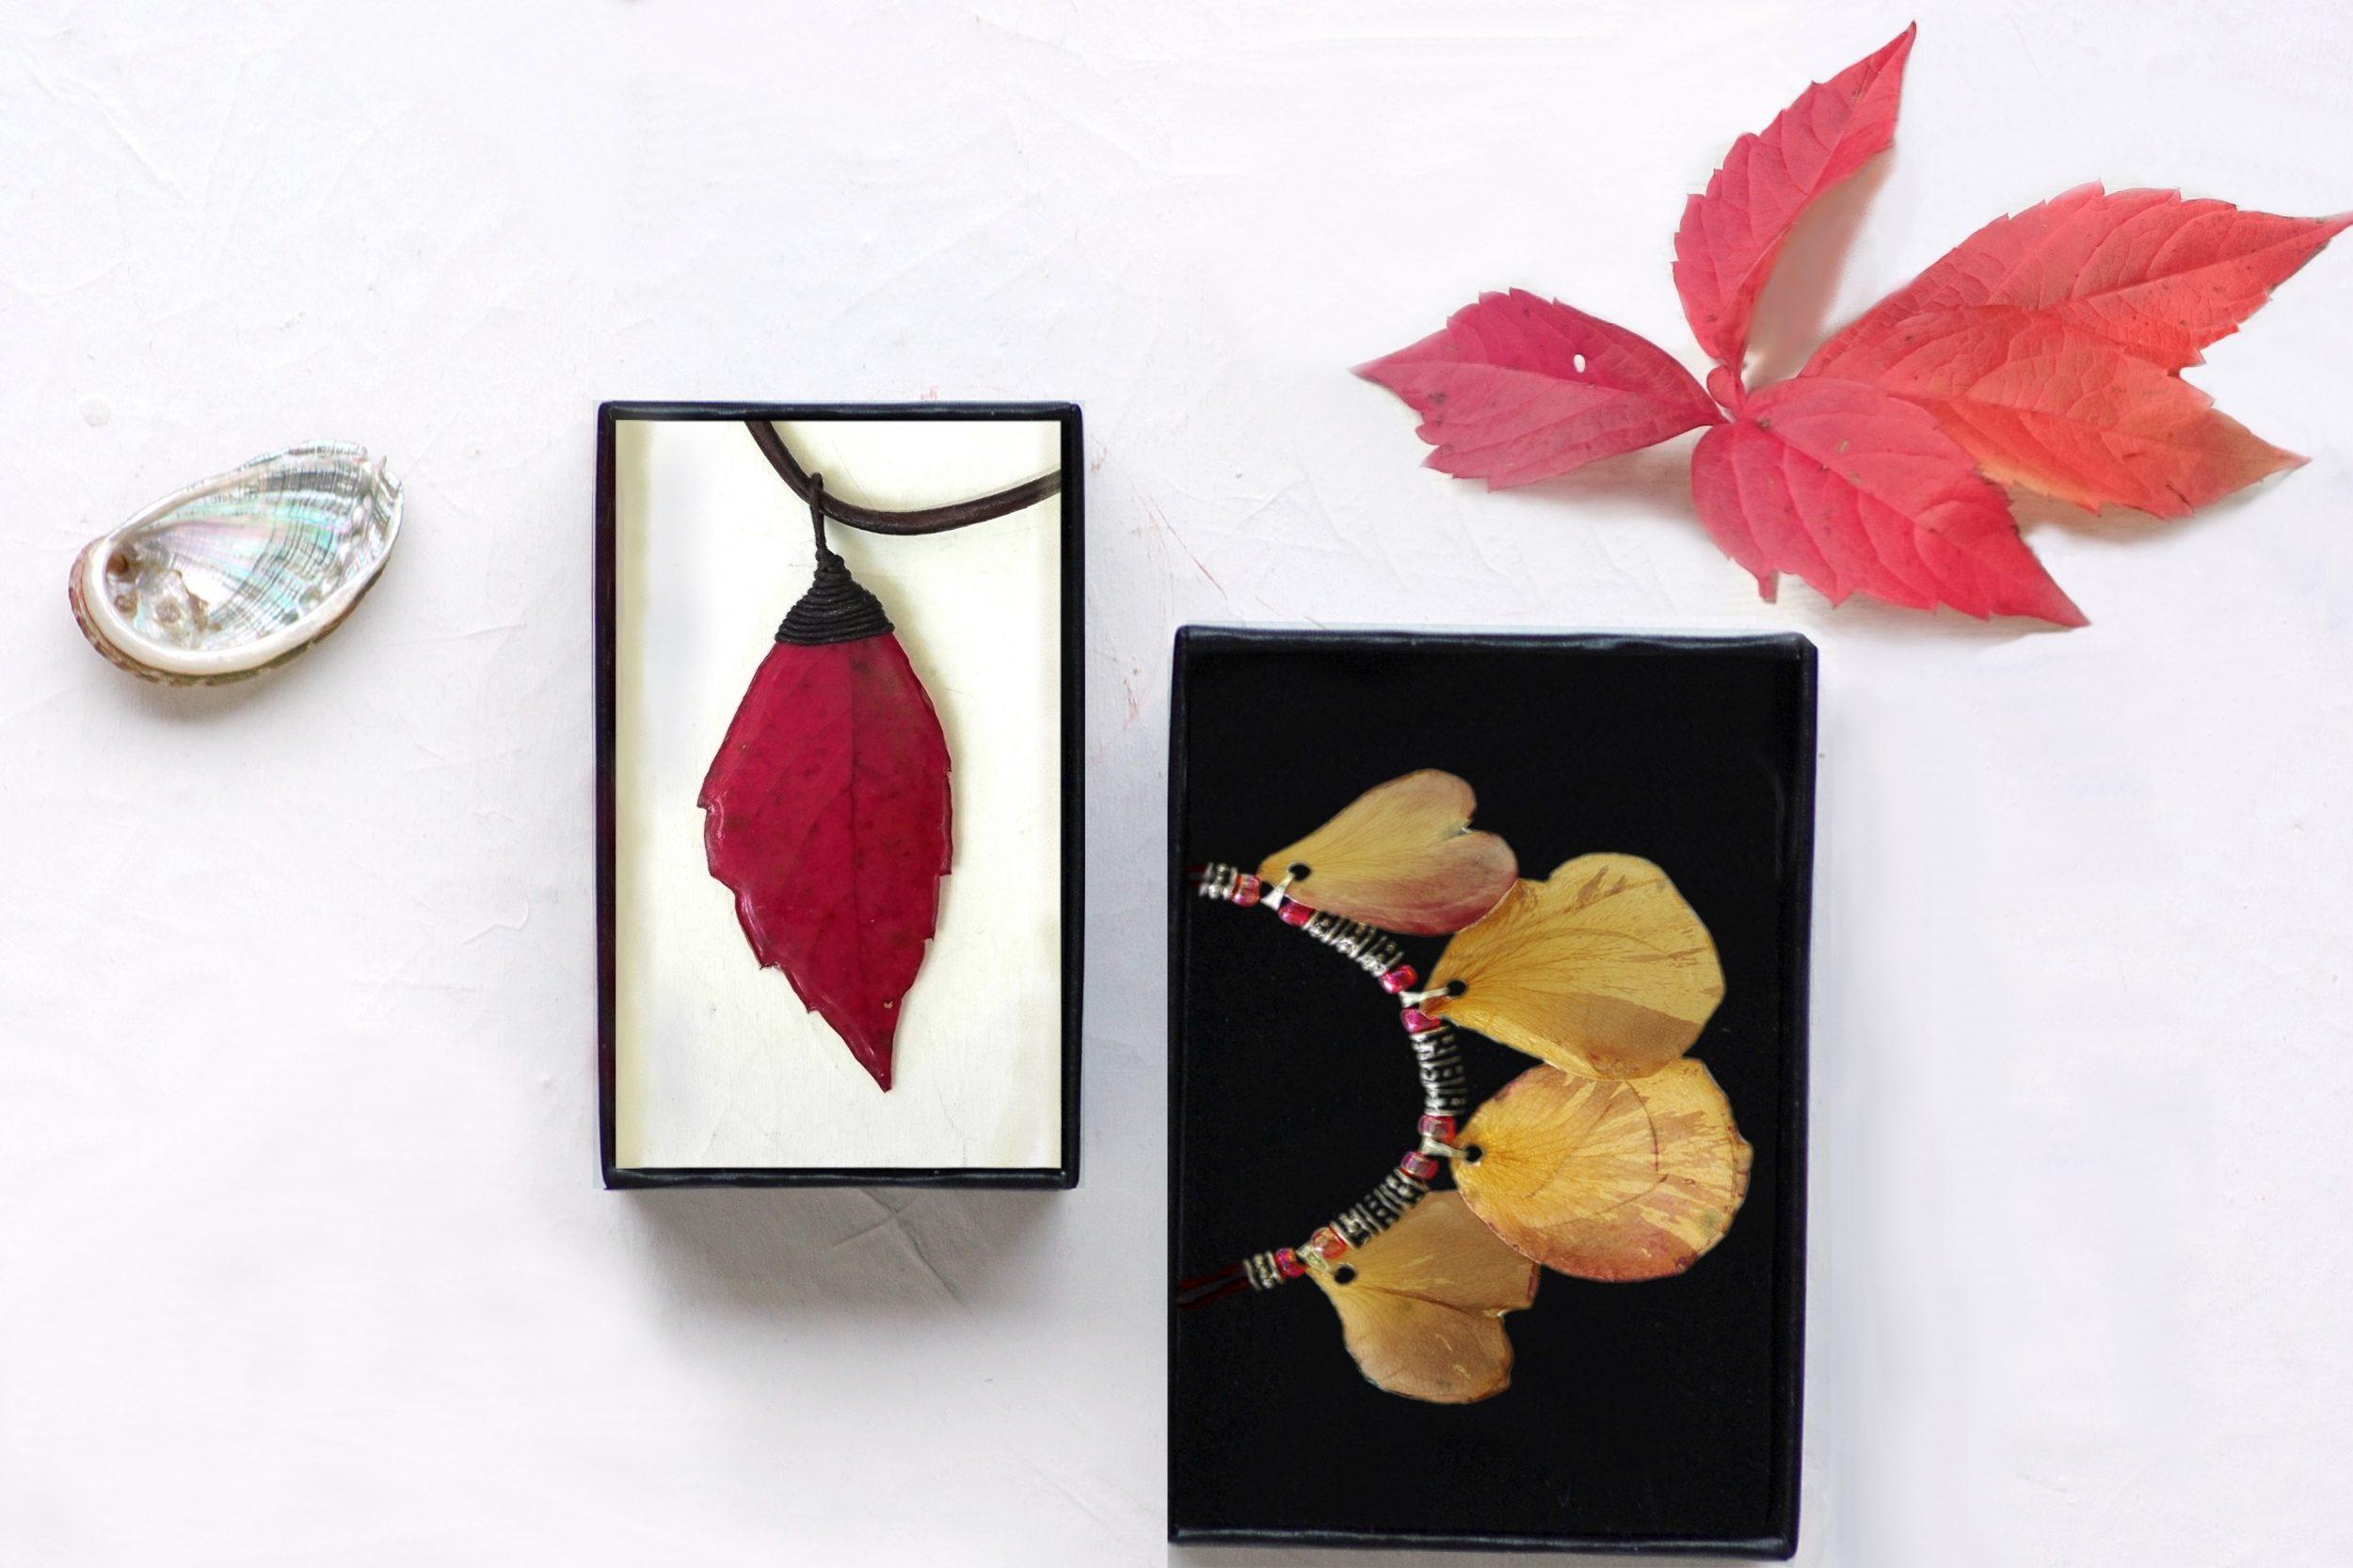 bijoux végétaux dans des écrins et un joli décor autour (coquillage, feuilles rouges)